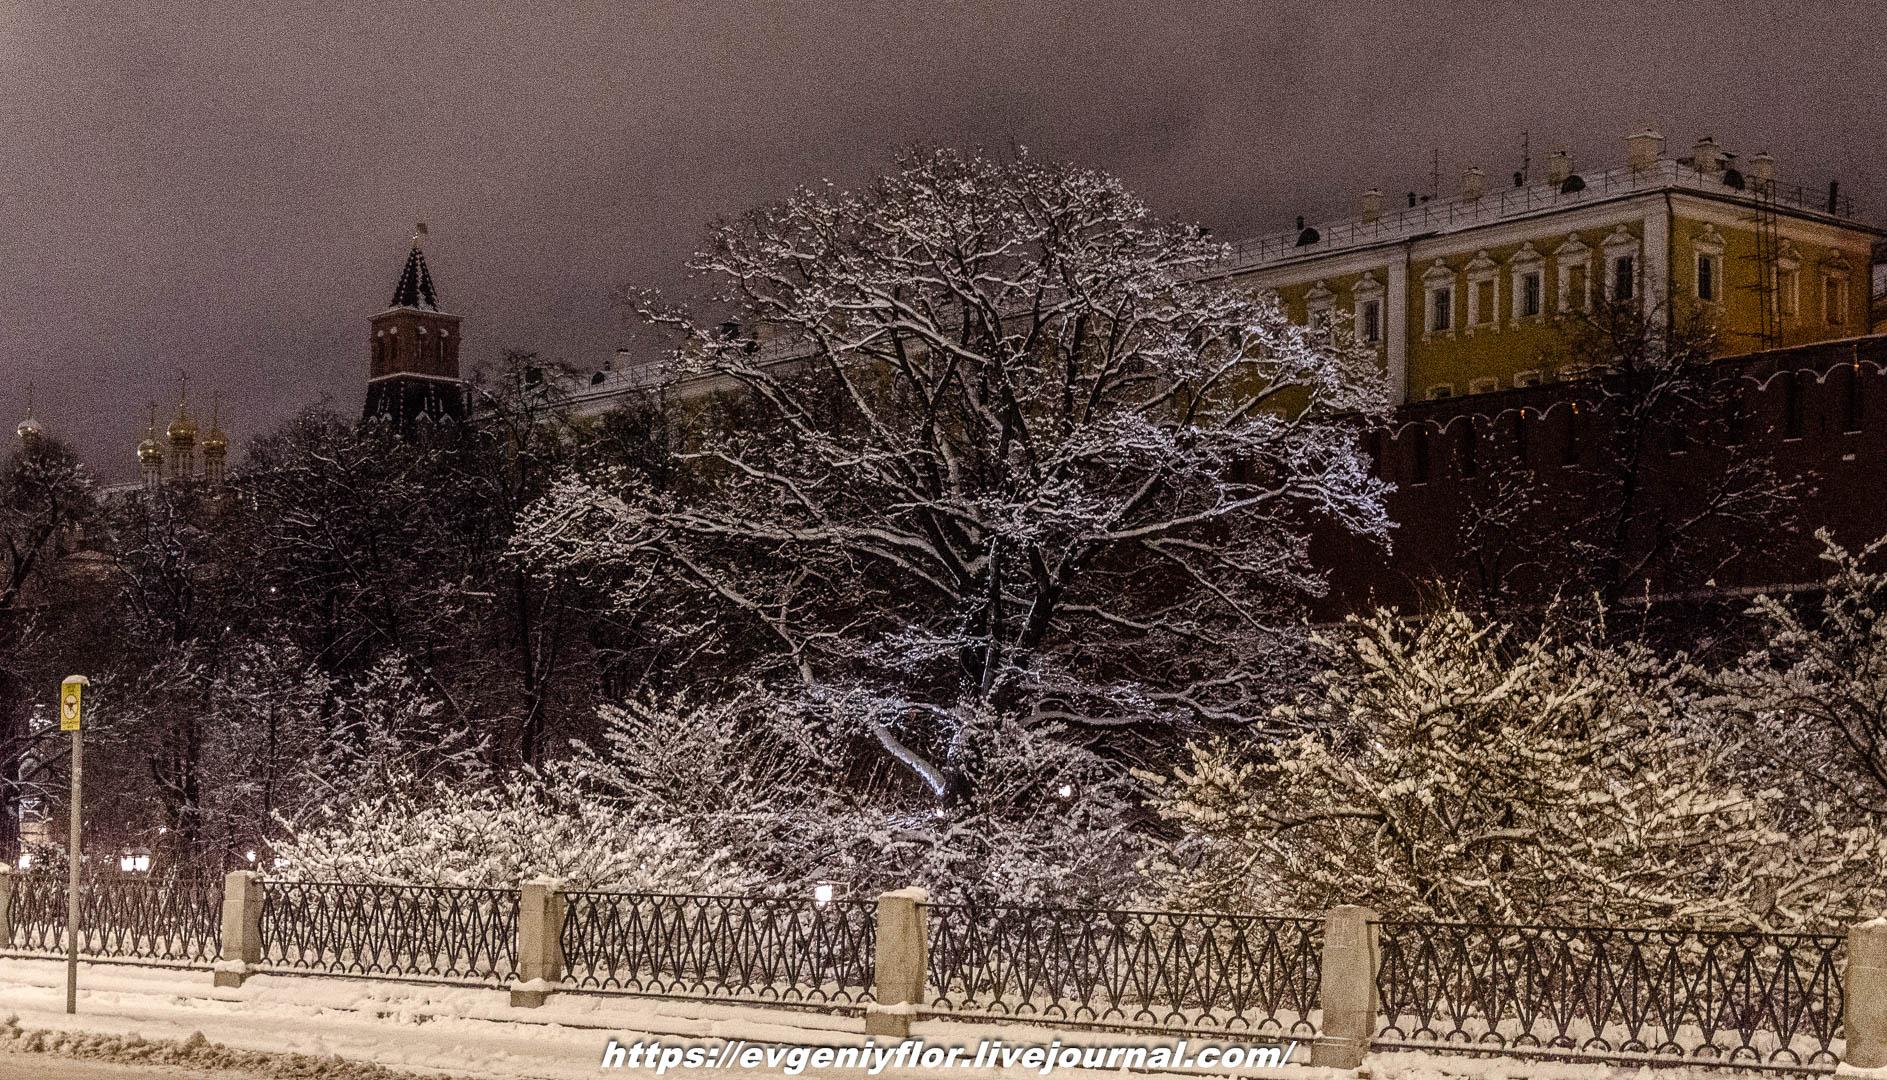 Вечерняя прогулка после снегопада    13 02 - 2019 Среда !Новая папка (2)6644.jpg